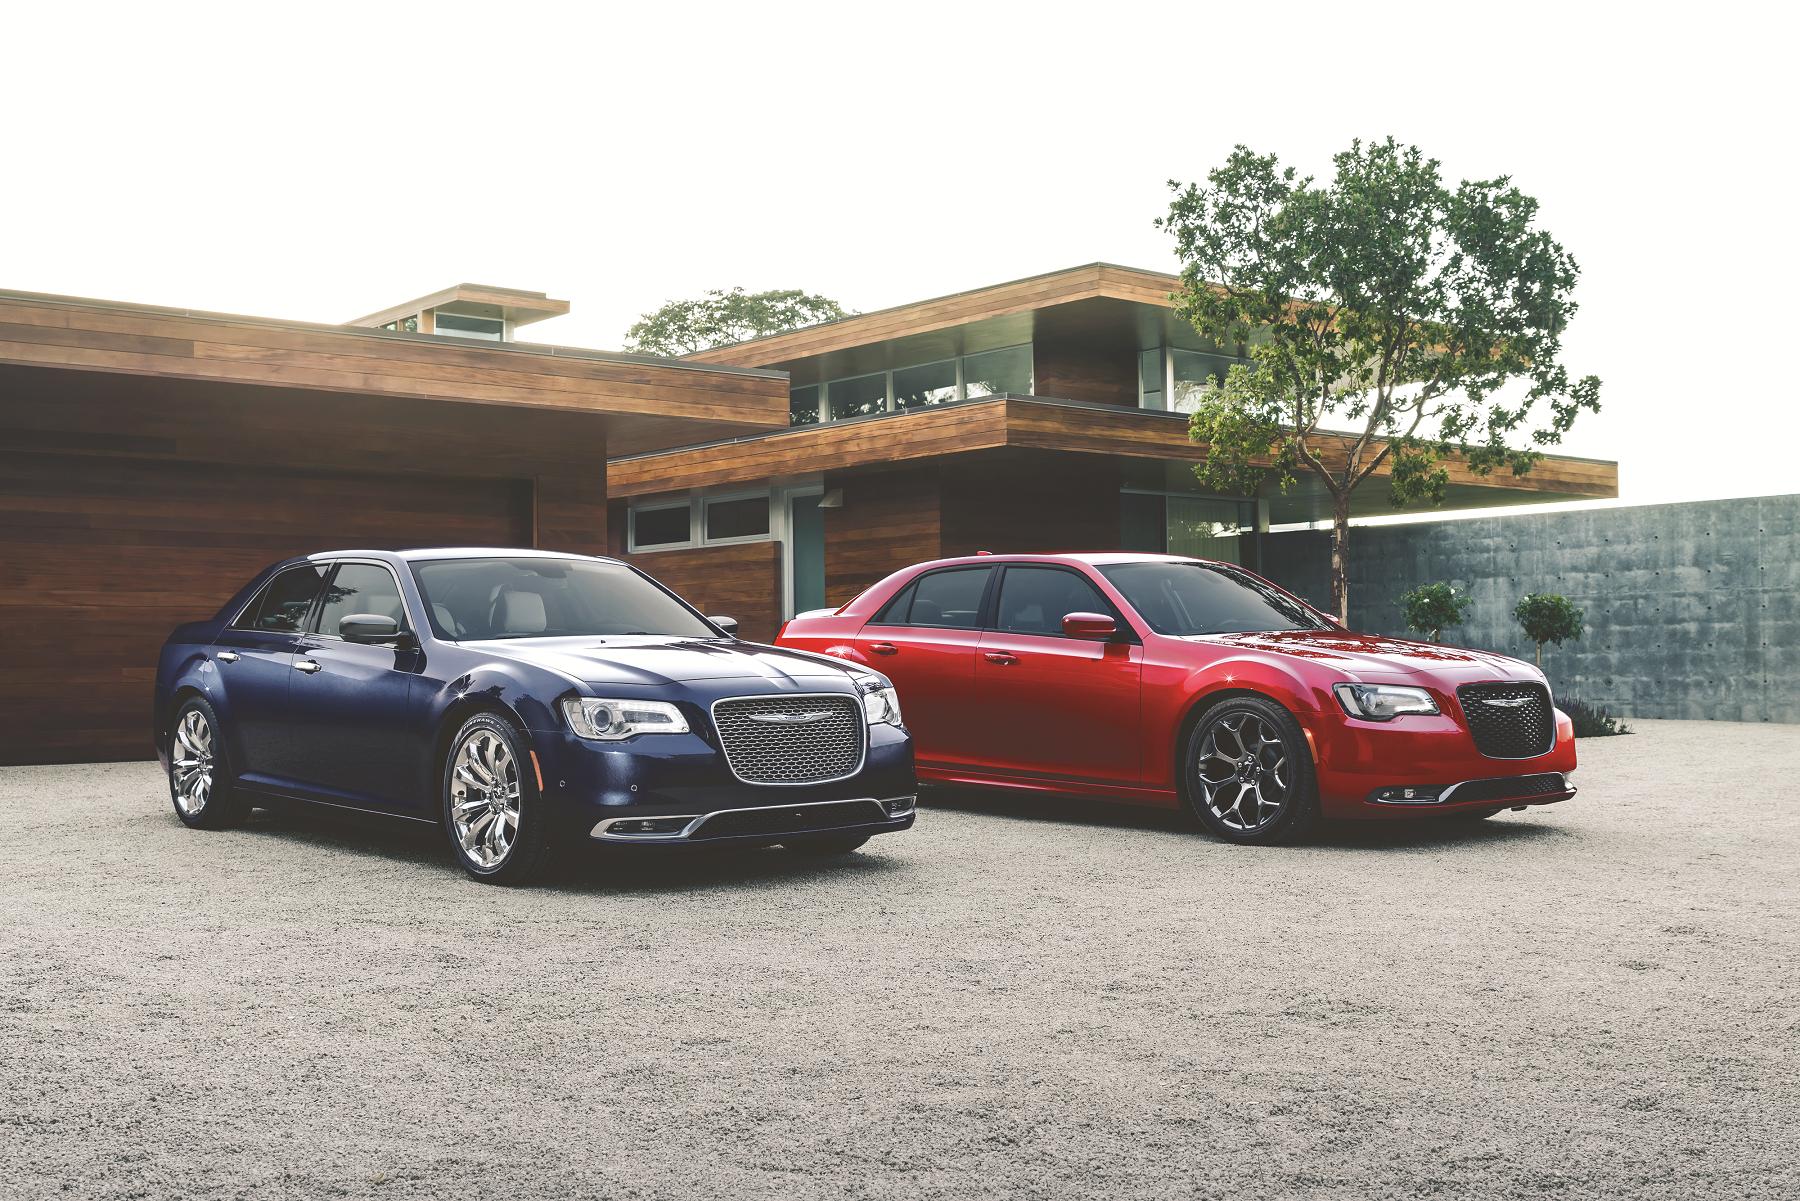 Find a used Chrysler model at your local Salem, OR Chrysler dealership.